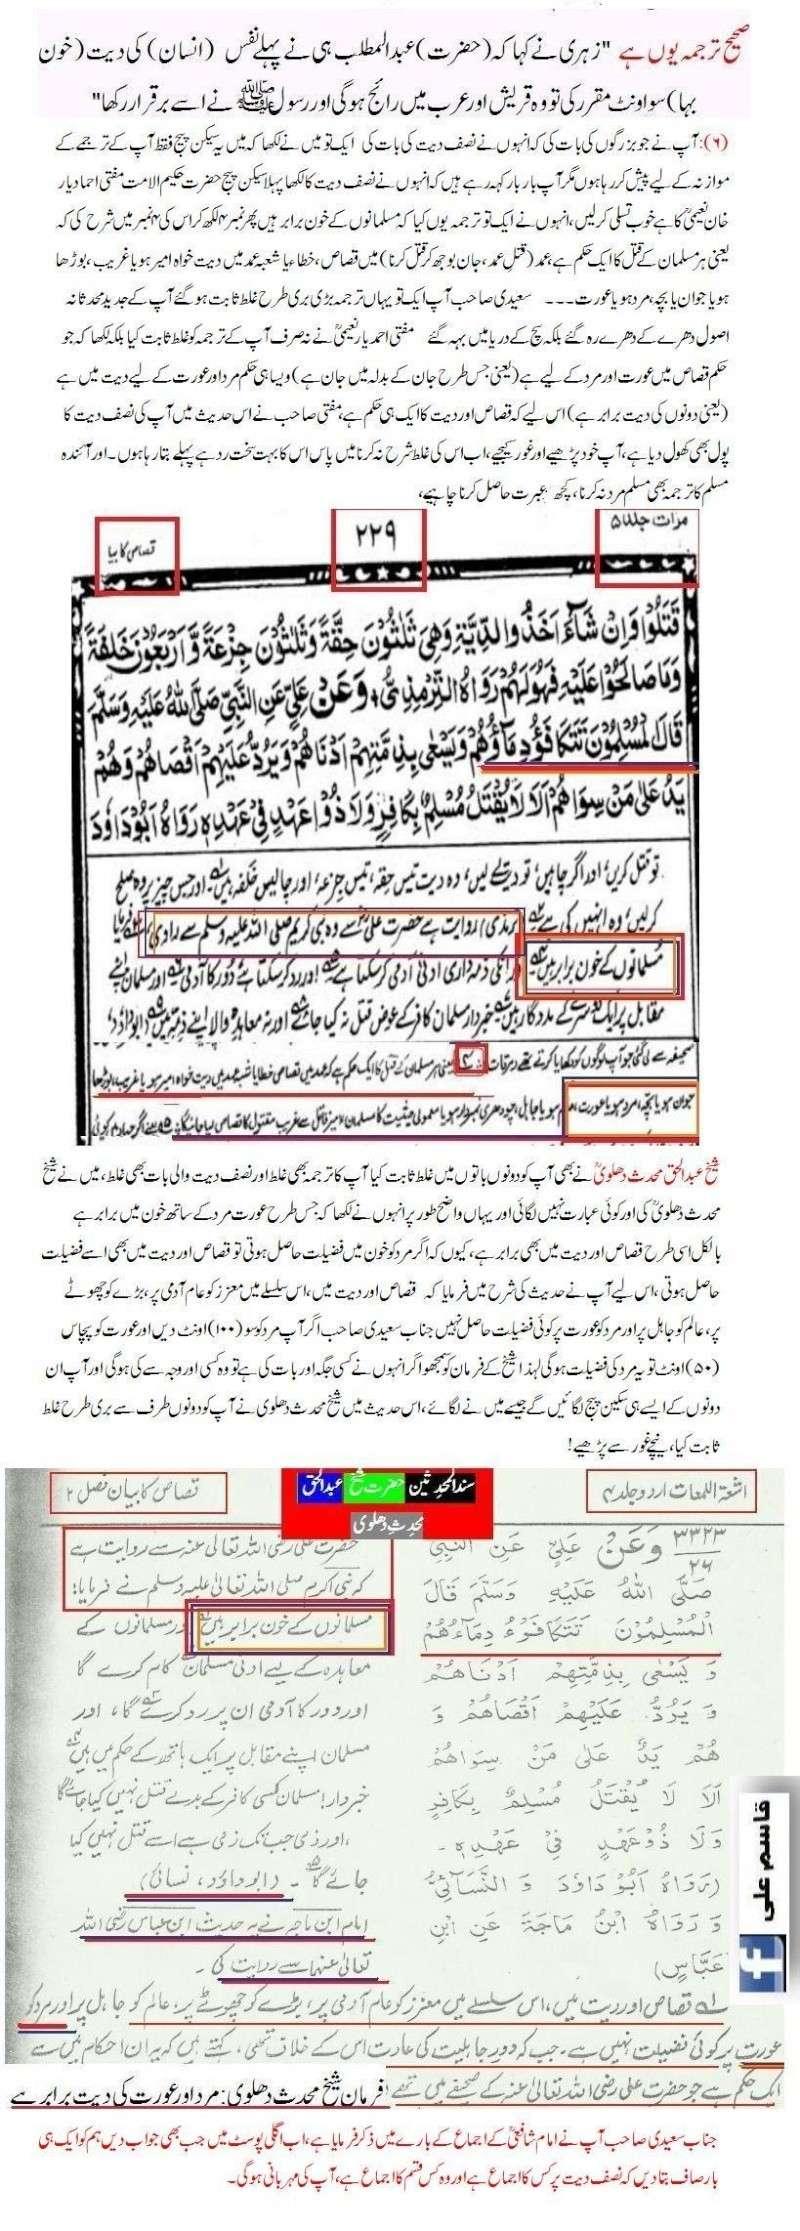 دیت کی جعلی فتوی فیکٹری پر منہاج القرآن کی فتح کا جھنڈا - Page 2 Qasim_30